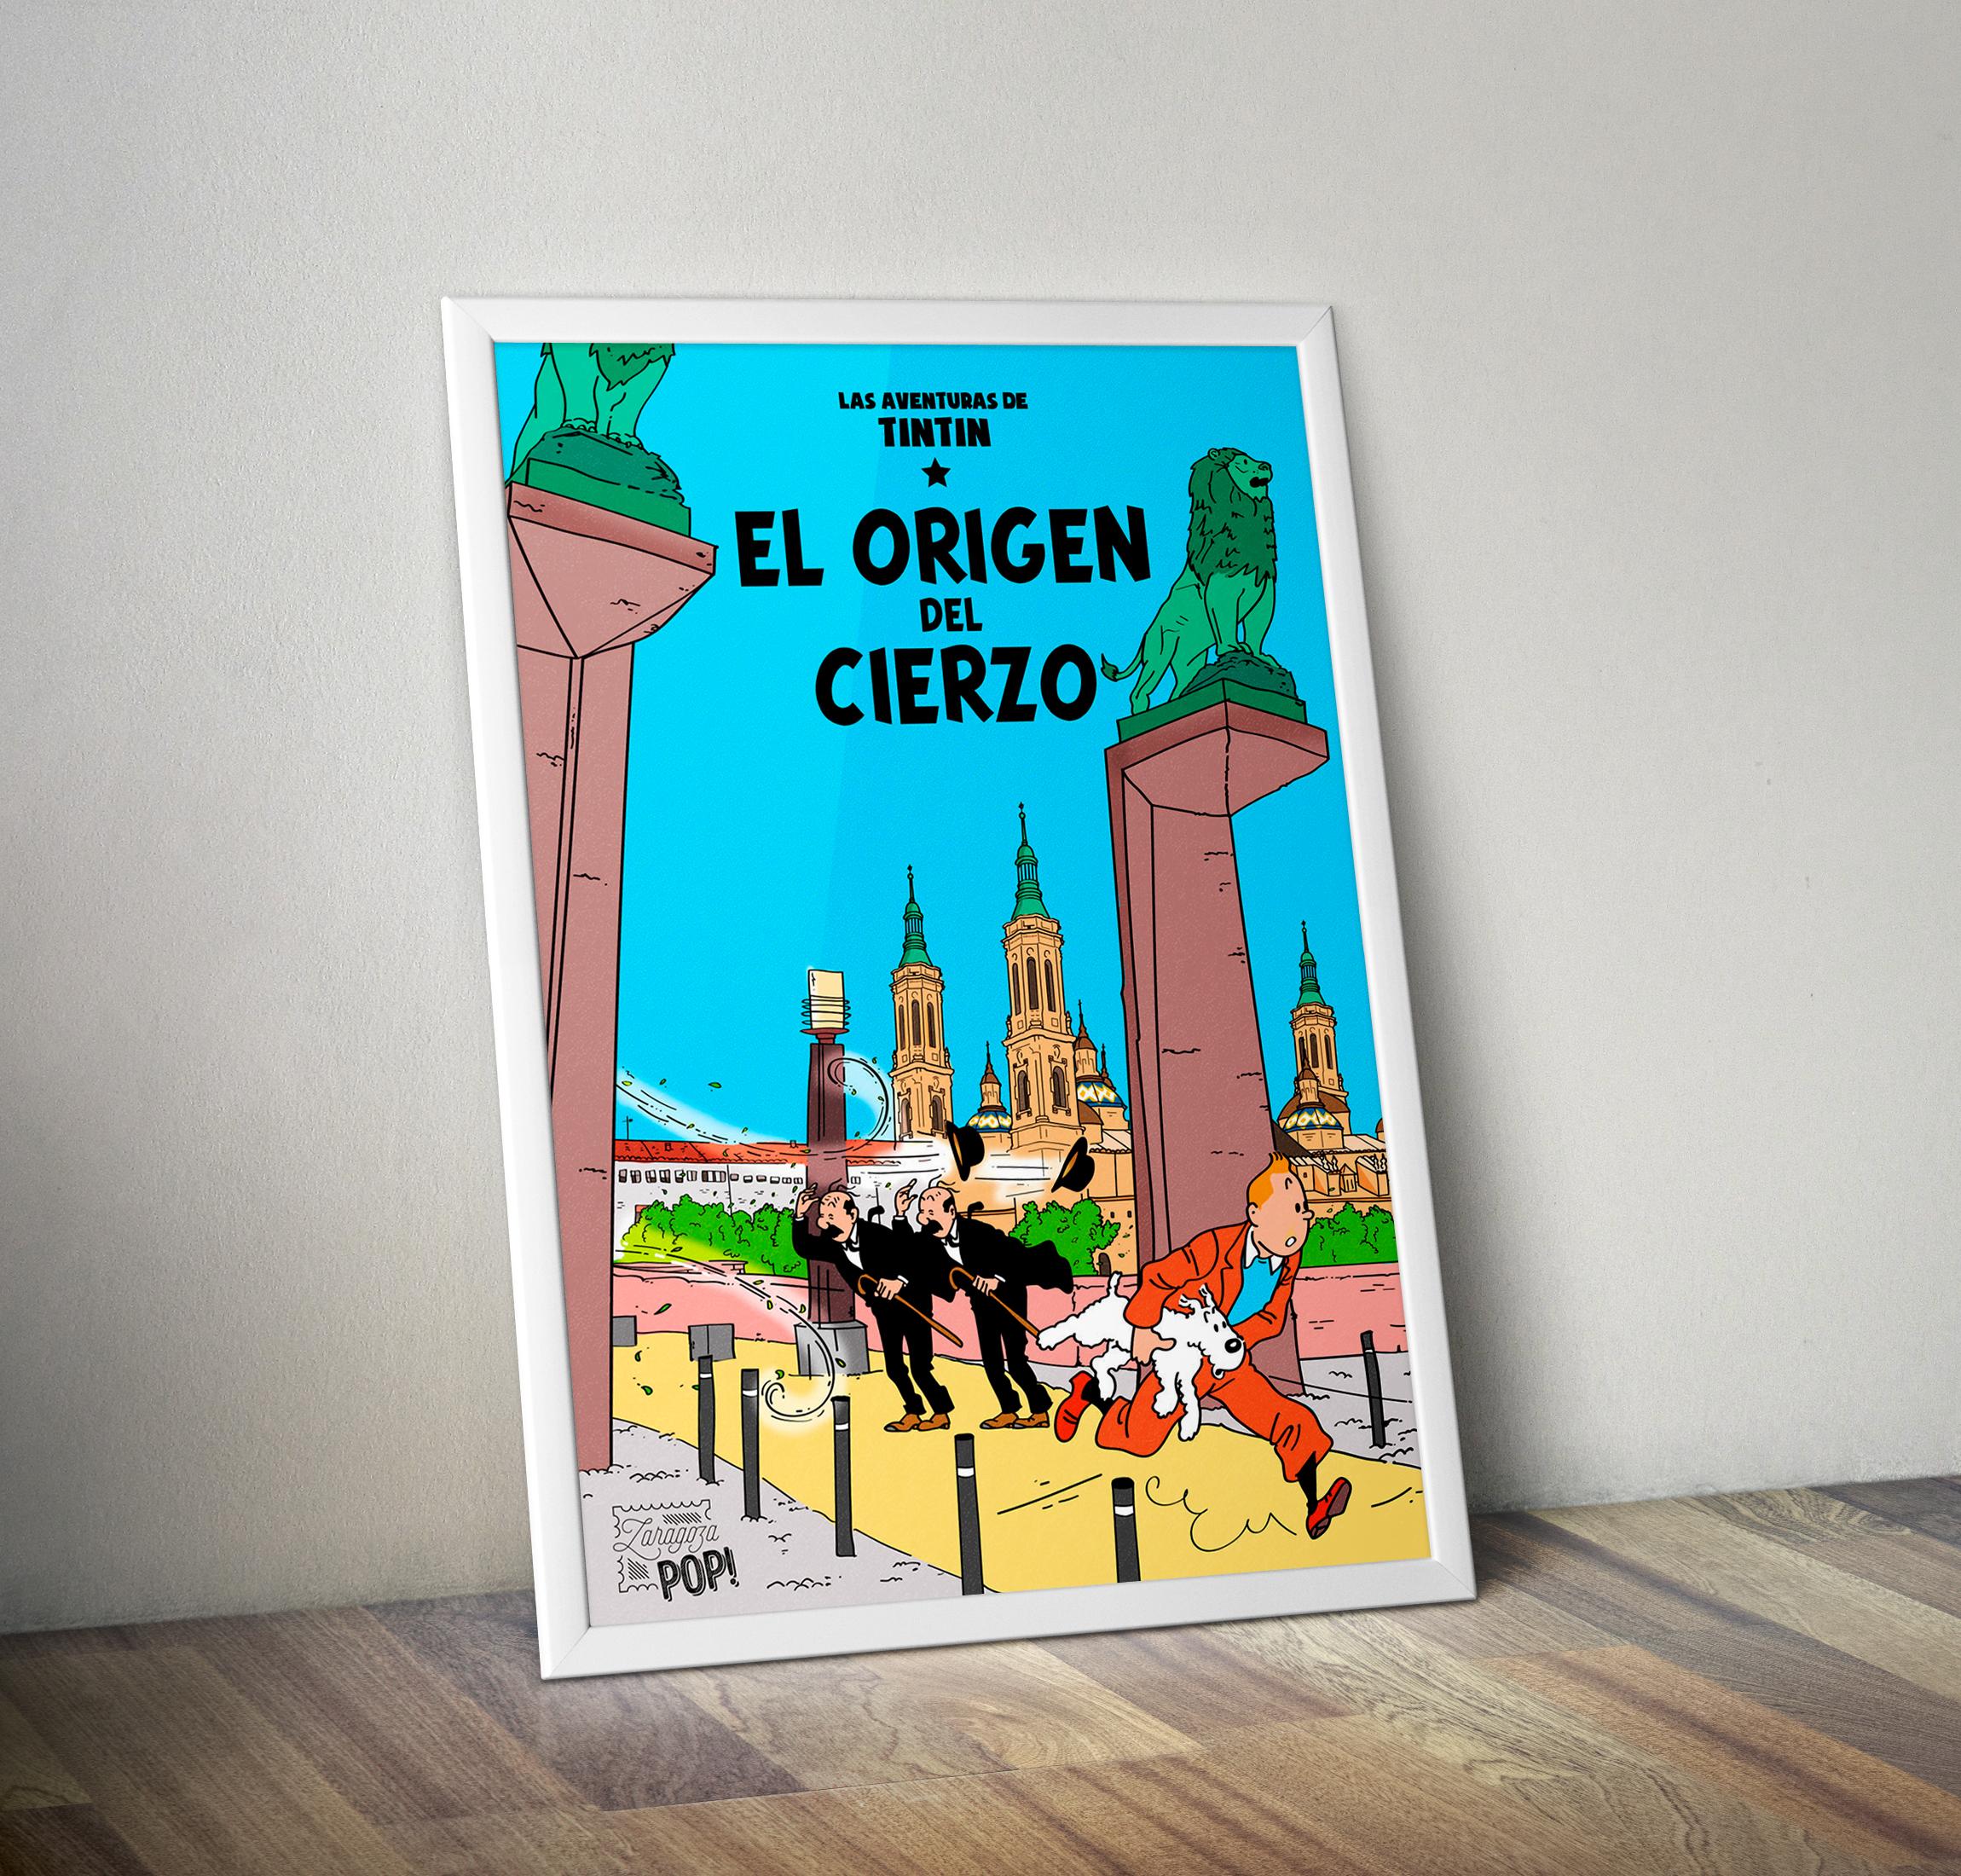 Ilustración de Zaragoza POP de TIntín y el origen del cierzo